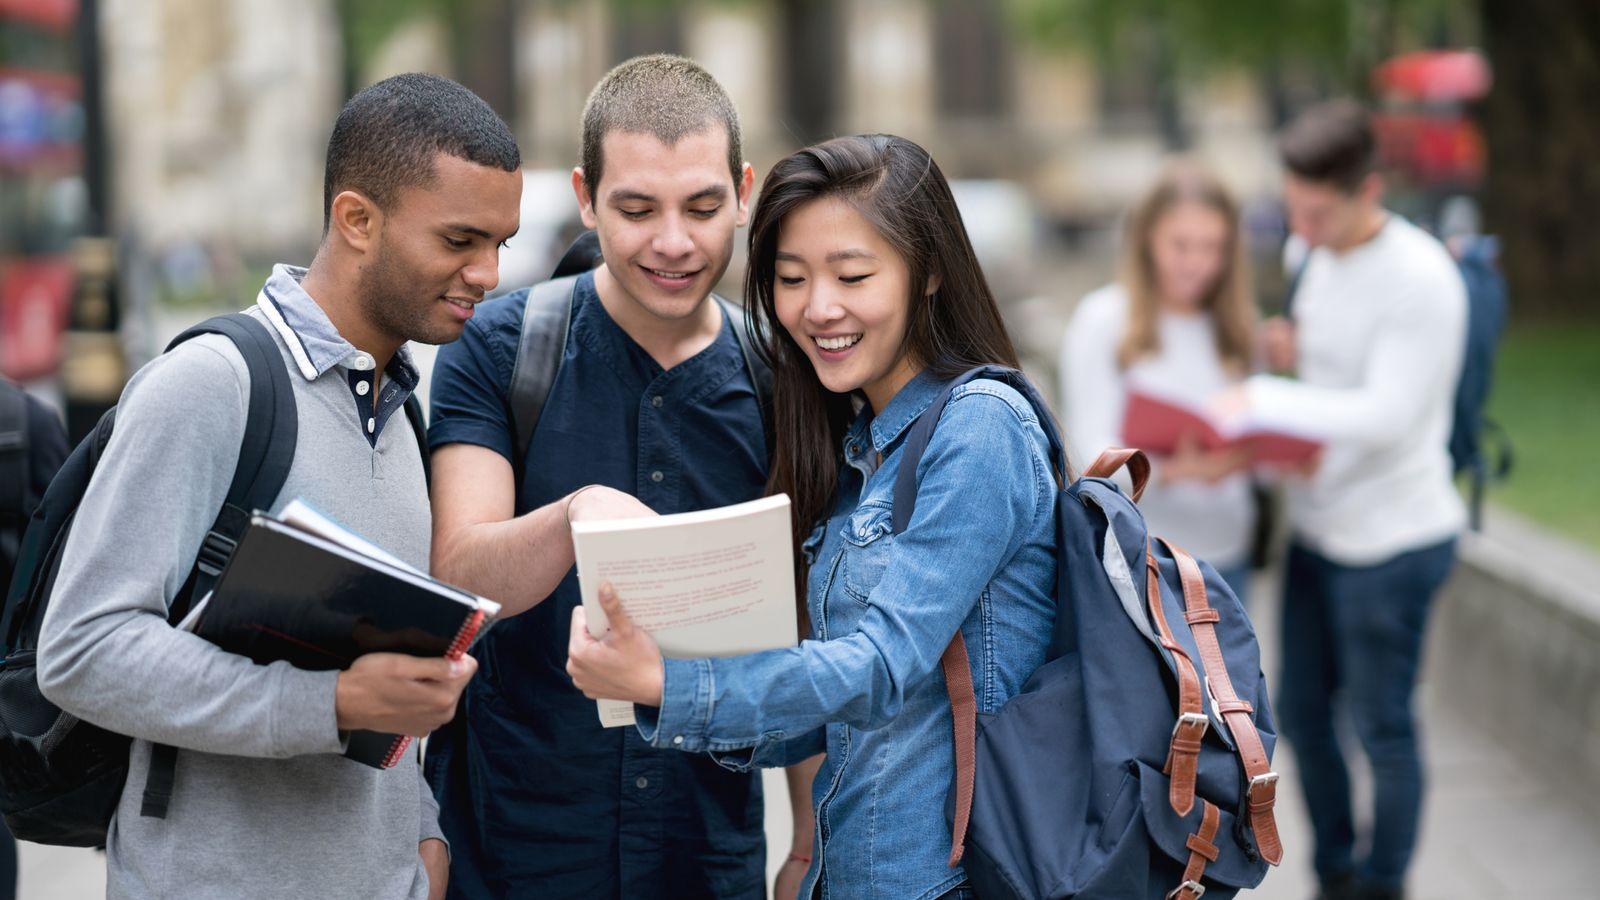 انجام رساله دکترا تربیت مربی عقیدتی و سیاسی | انجام پایان نامه دکتری و ارشد تربیت مربی عقیدتی و سیاسی